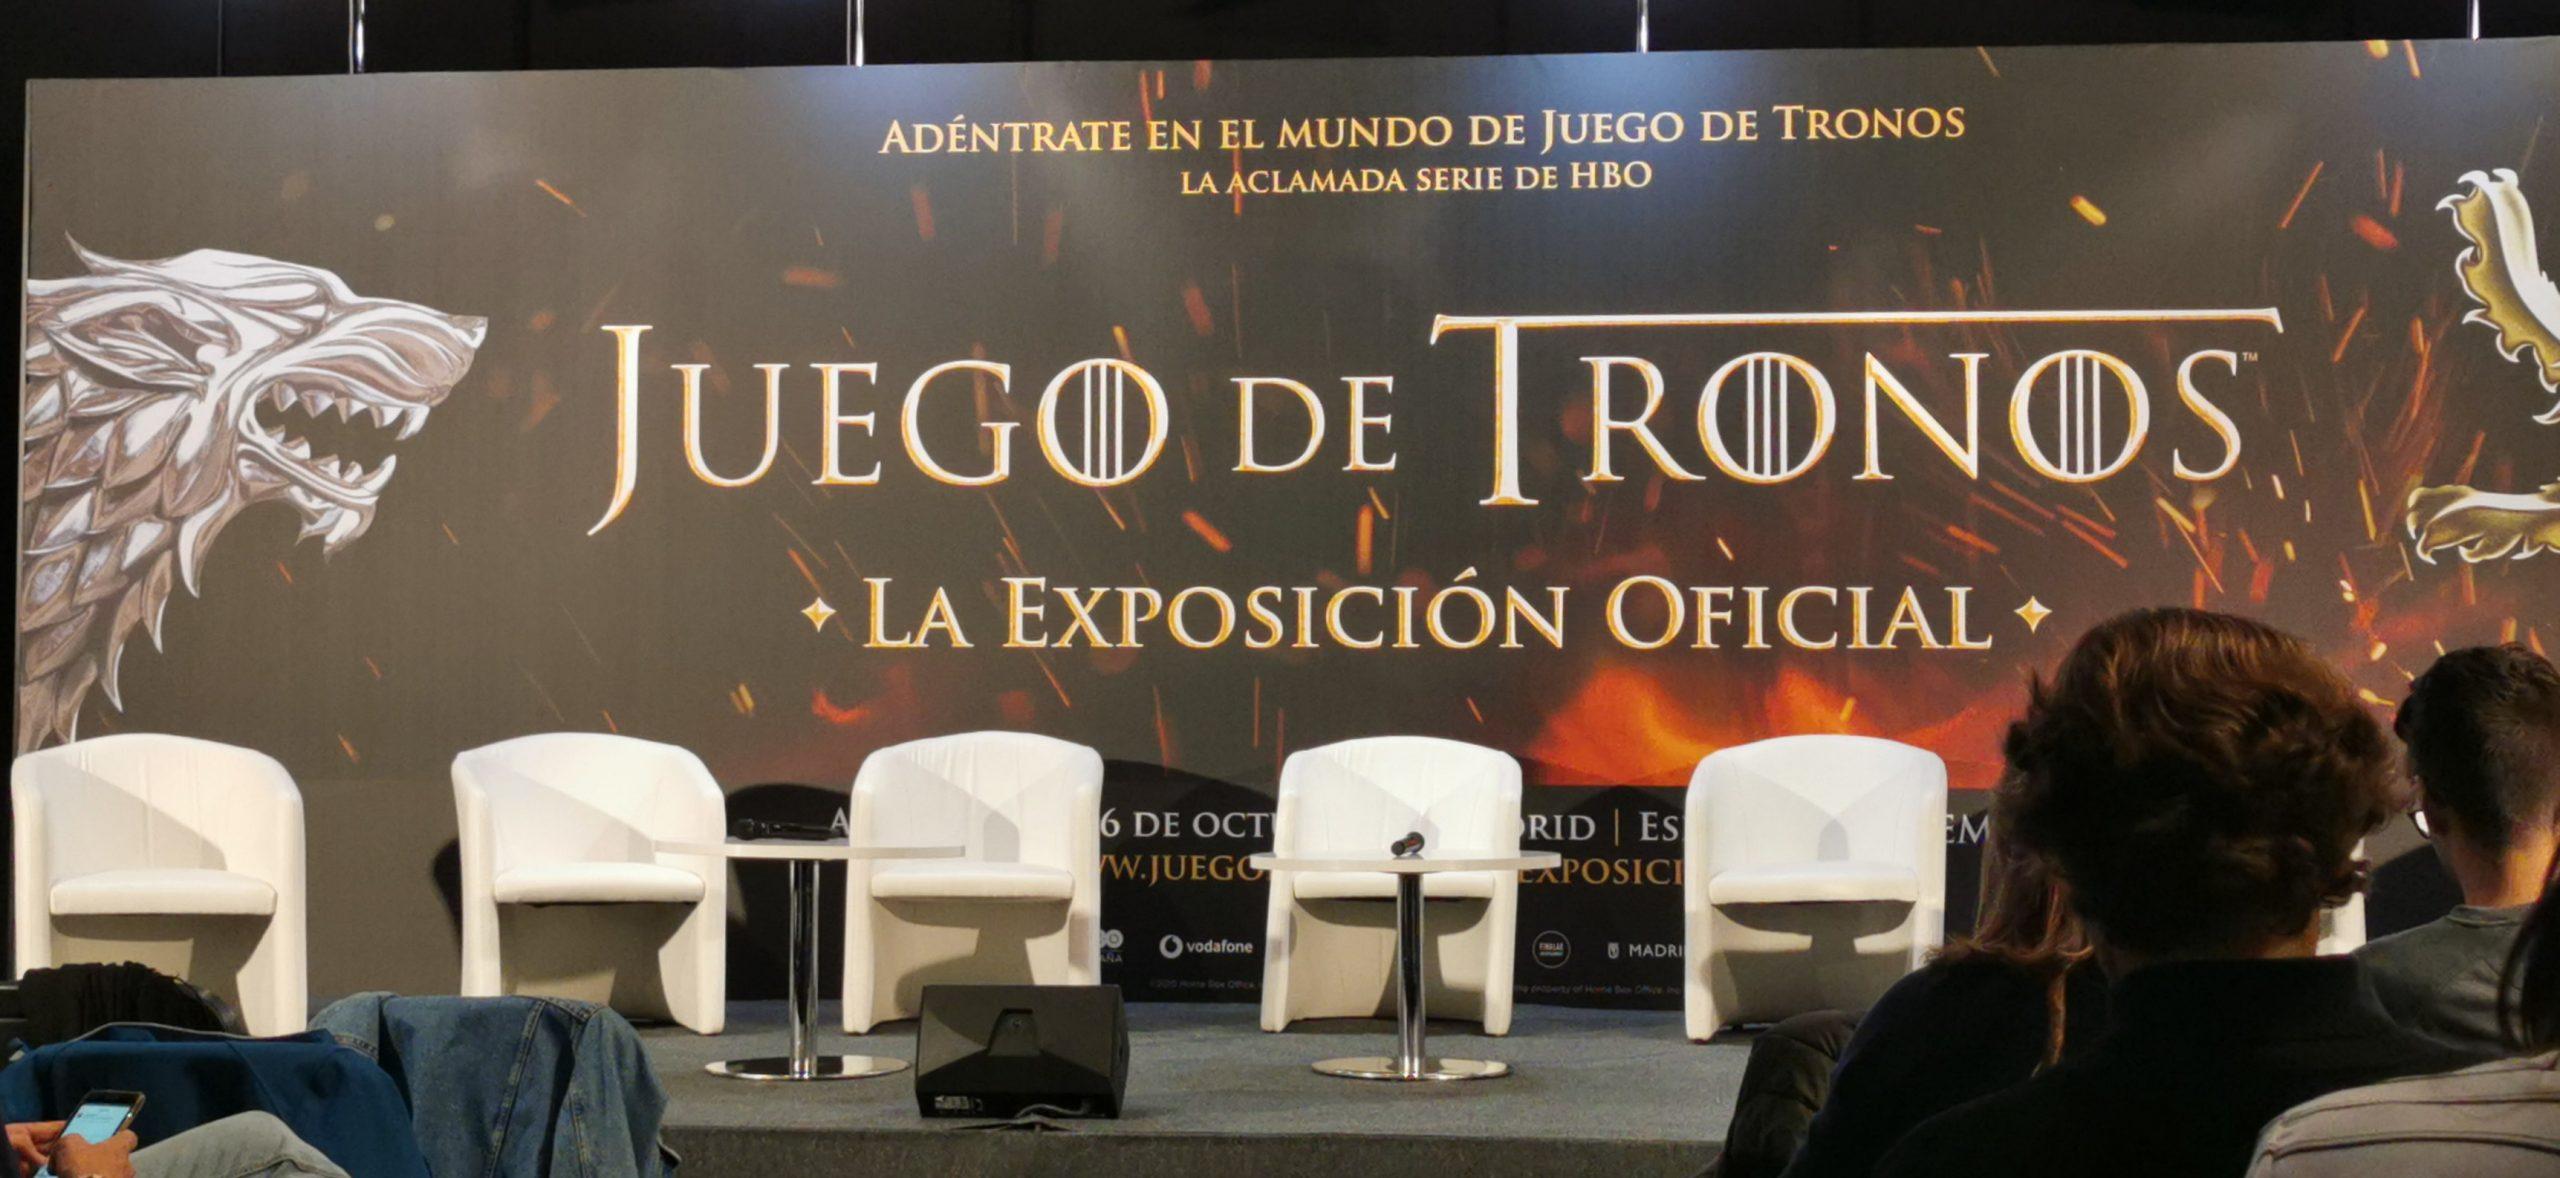 Juego de Tronos exposición oficial